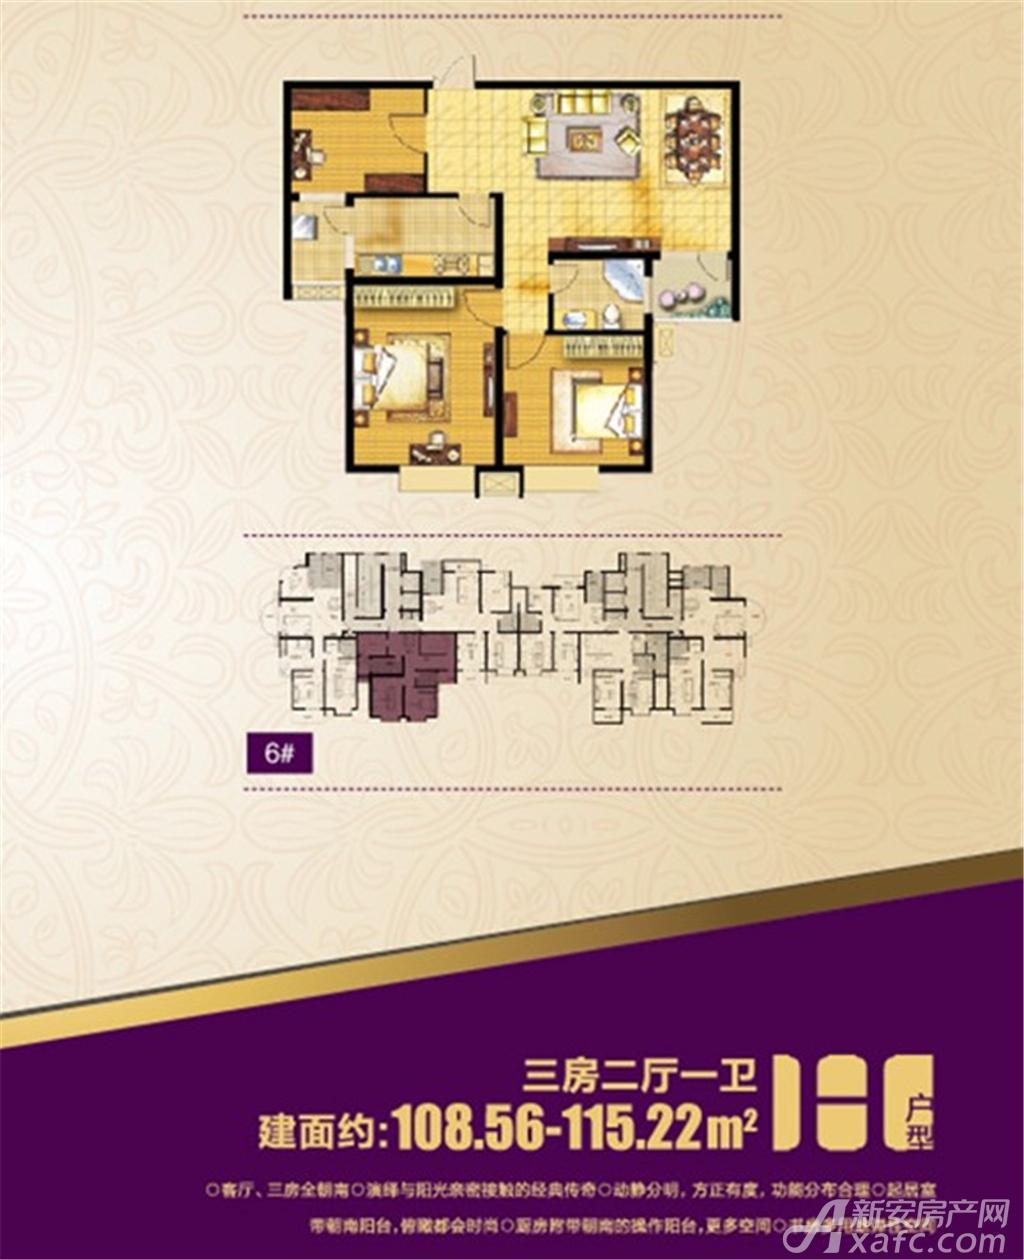 明都财富广场H户型3室2厅108.56平米